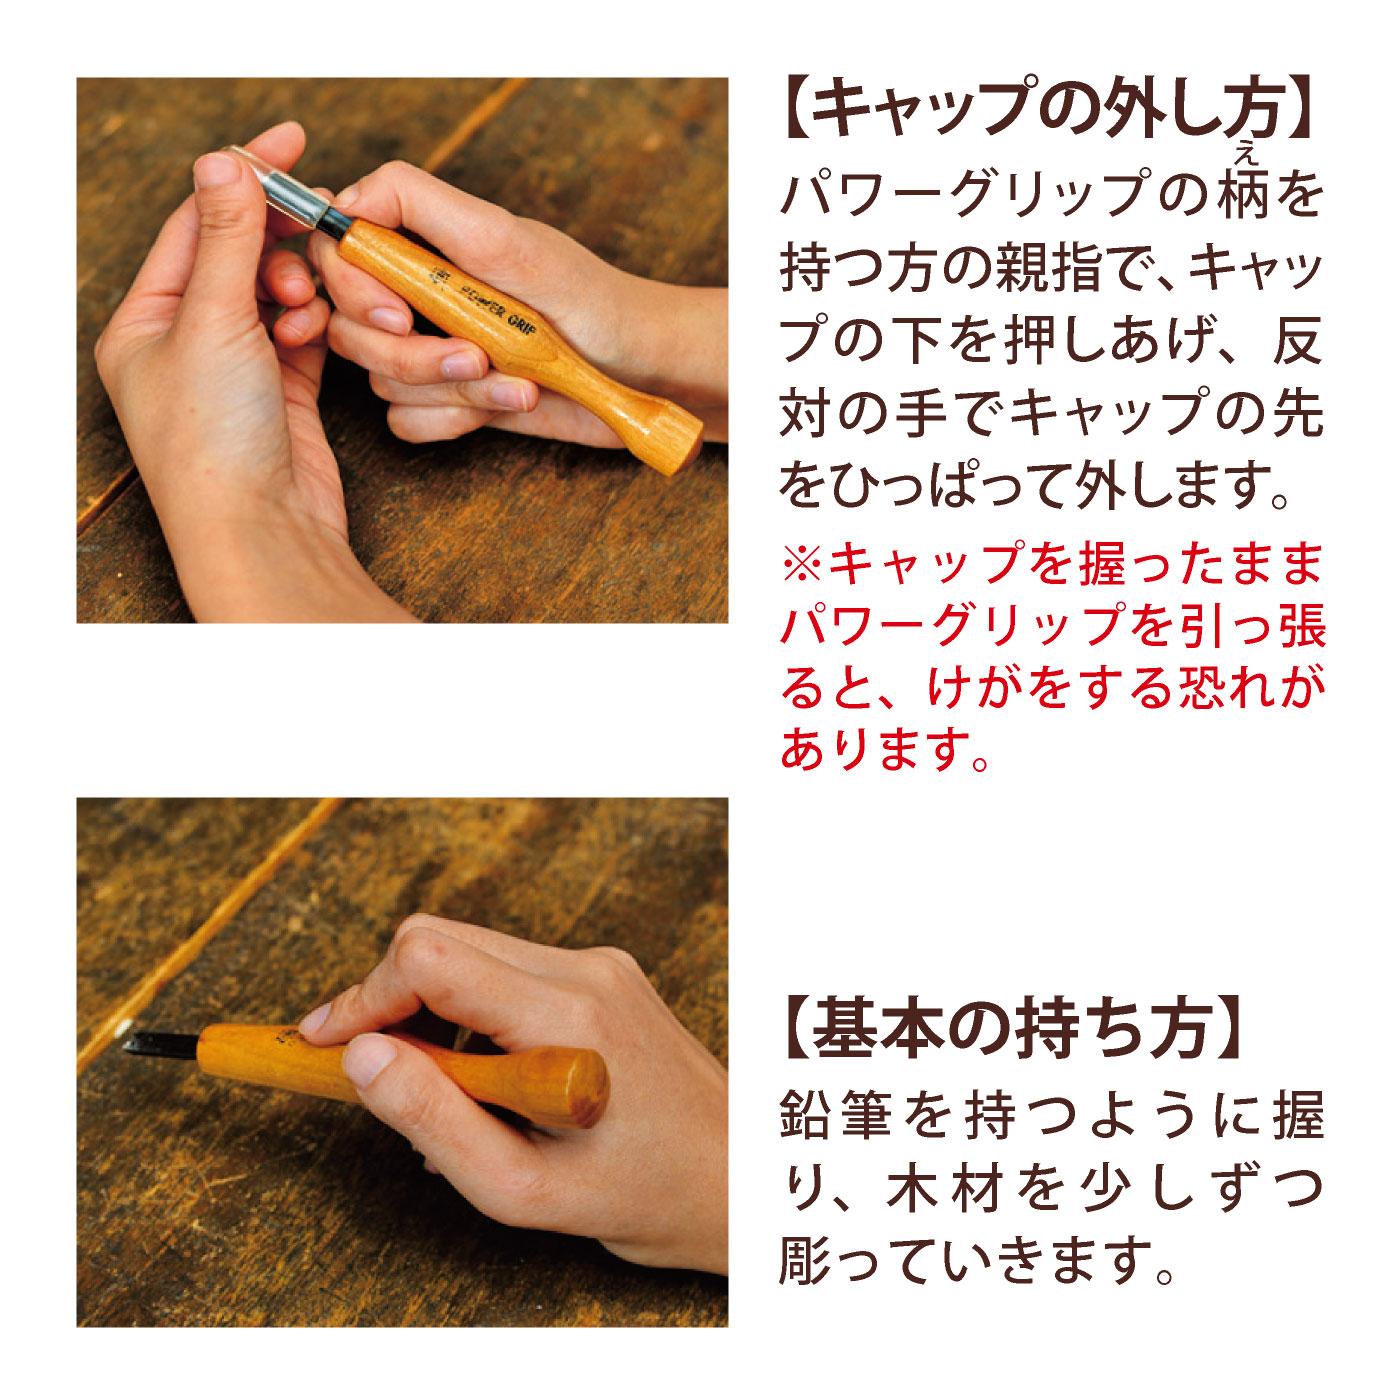 彫刻刀の使い方。